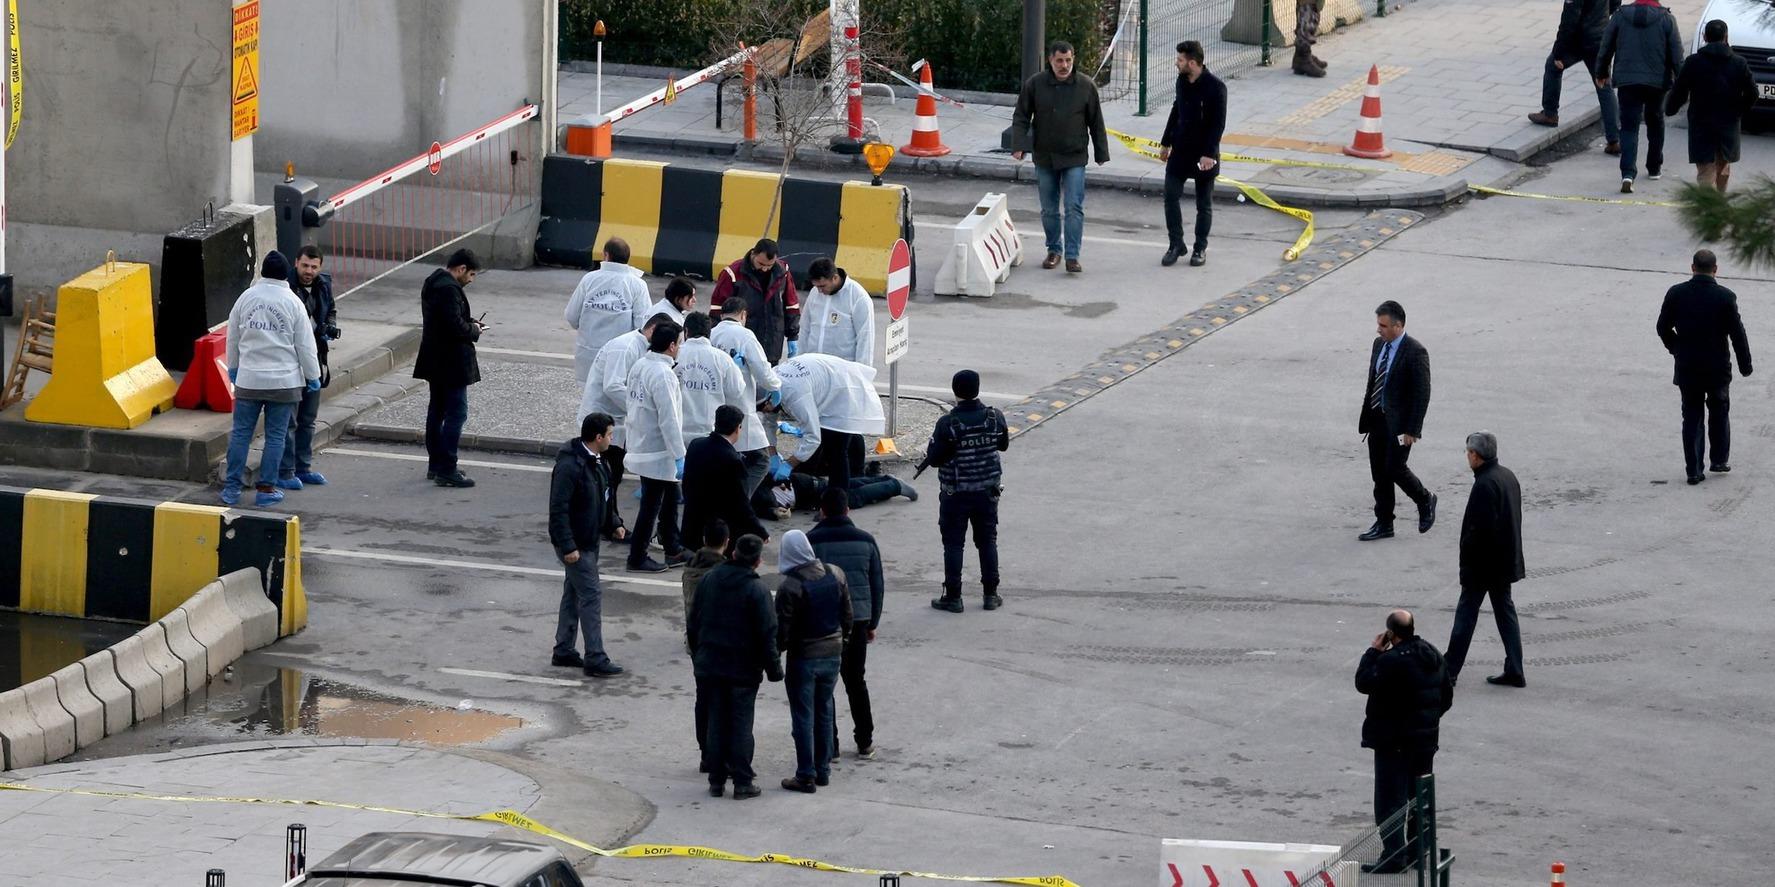 Gaziantep, 2017. január 10. Bűnügyi helyszínelők egy fegyveres támadó holttesténél a délkelet-törökországi Gaziantep város központi rendőrkapitánysága előtt 2017. január 10-én, miután két, állítólag öngyilkos merényletre készülő támadó tüzet nyitott rendőrökre az épület bejáratánál. A tűzharcban egy rendőr könnyebben megsebesült, a merénylő tettestársa elmenekült. A támadásért egyelőre egyetlen szervezet sem vállalta a felelősséget. (MTI/EPA)